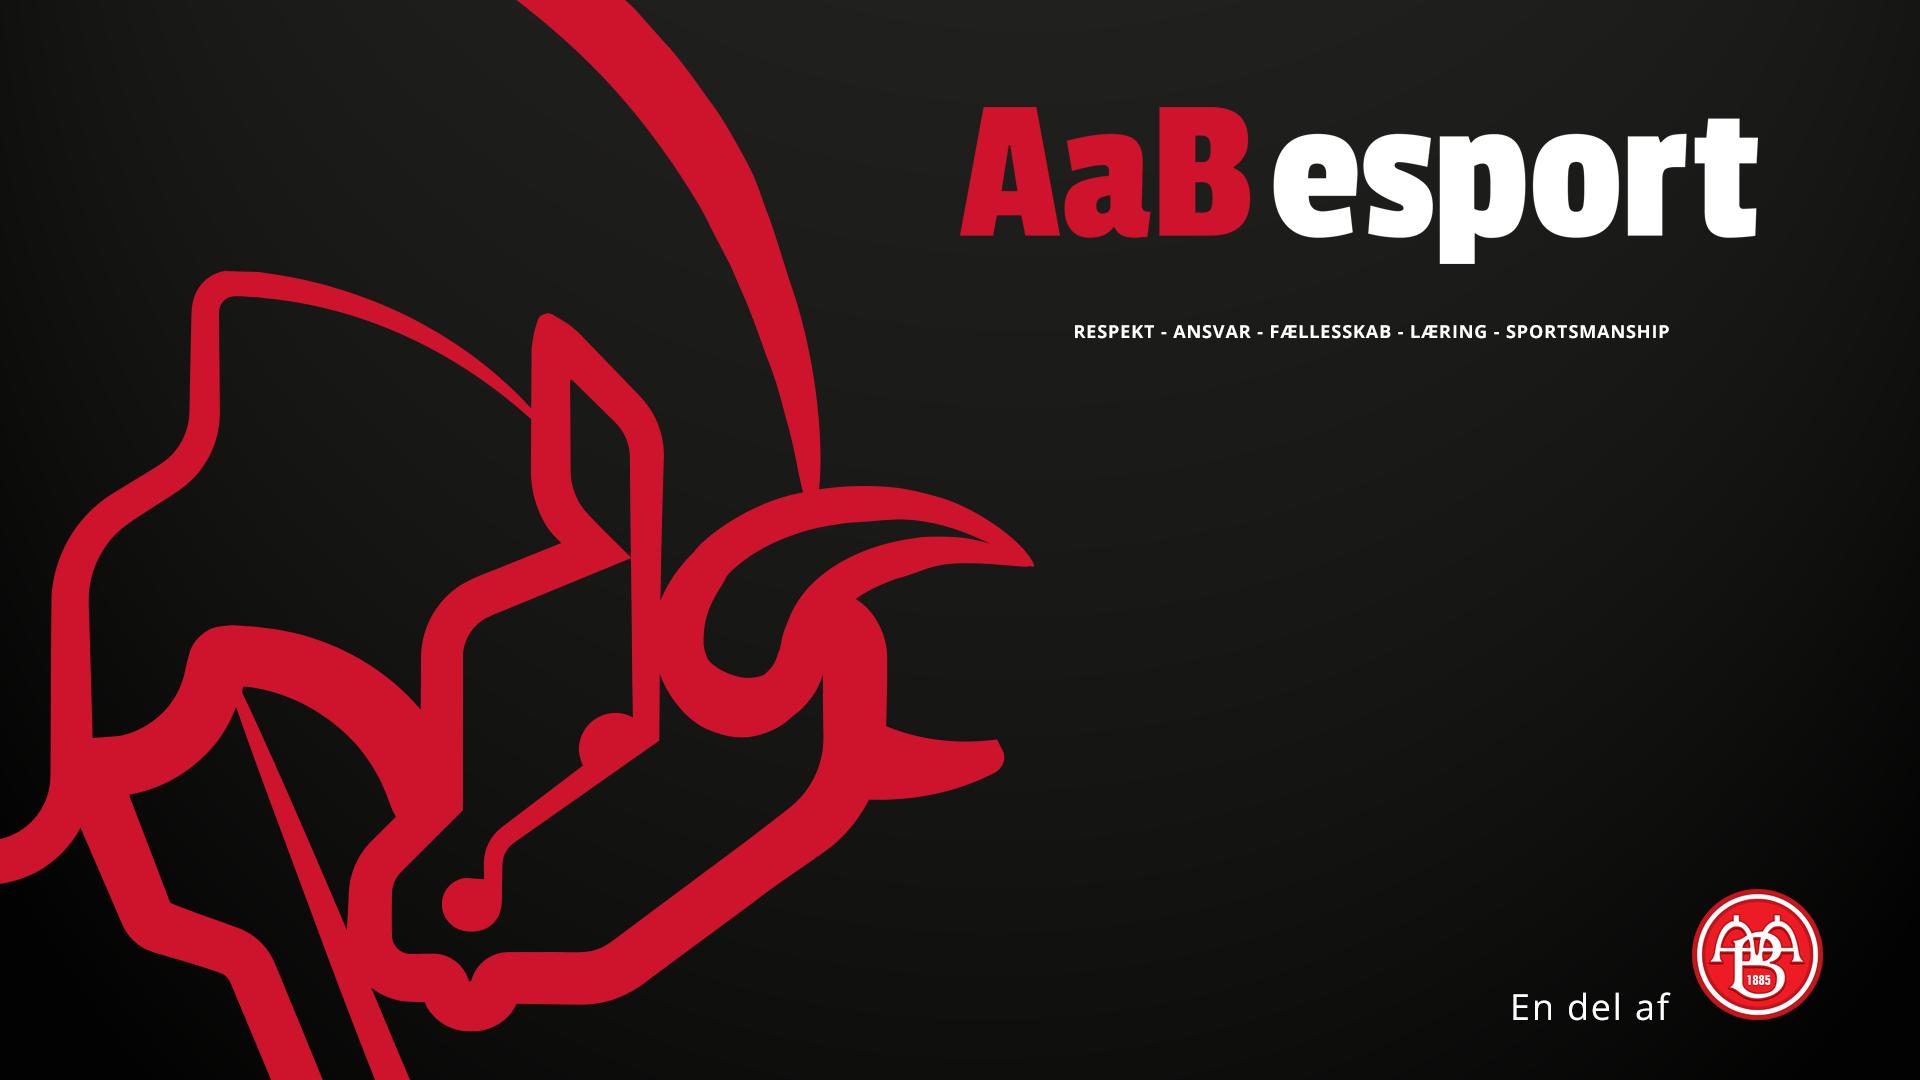 AaB esport wallpaper